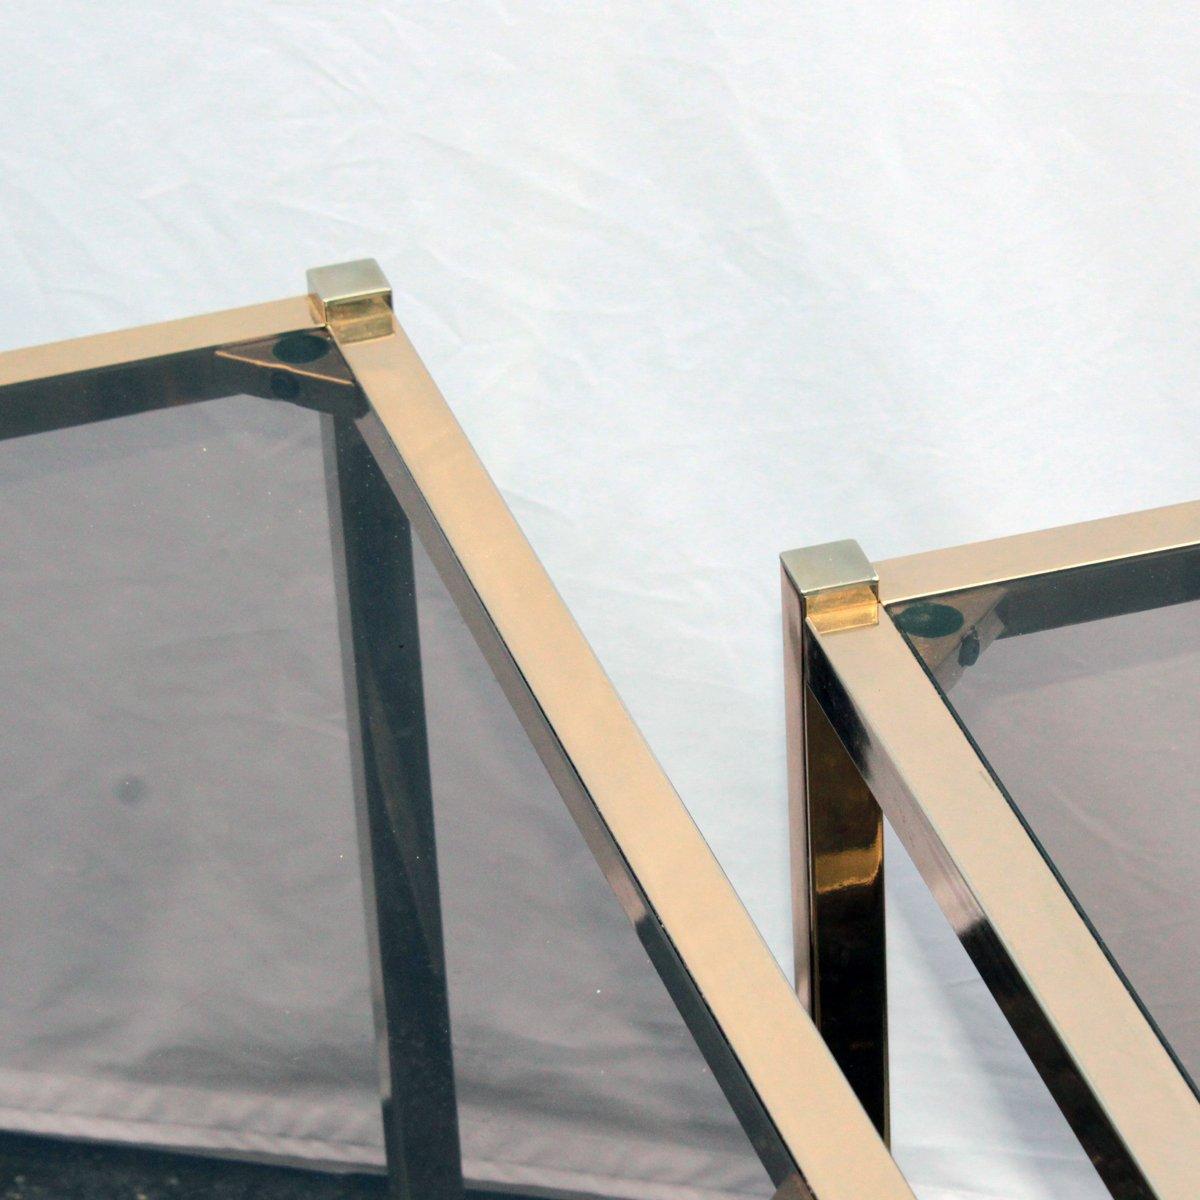 Franz sische vergoldete vintage metall beistelltische 2er for Designer beistelltische metall